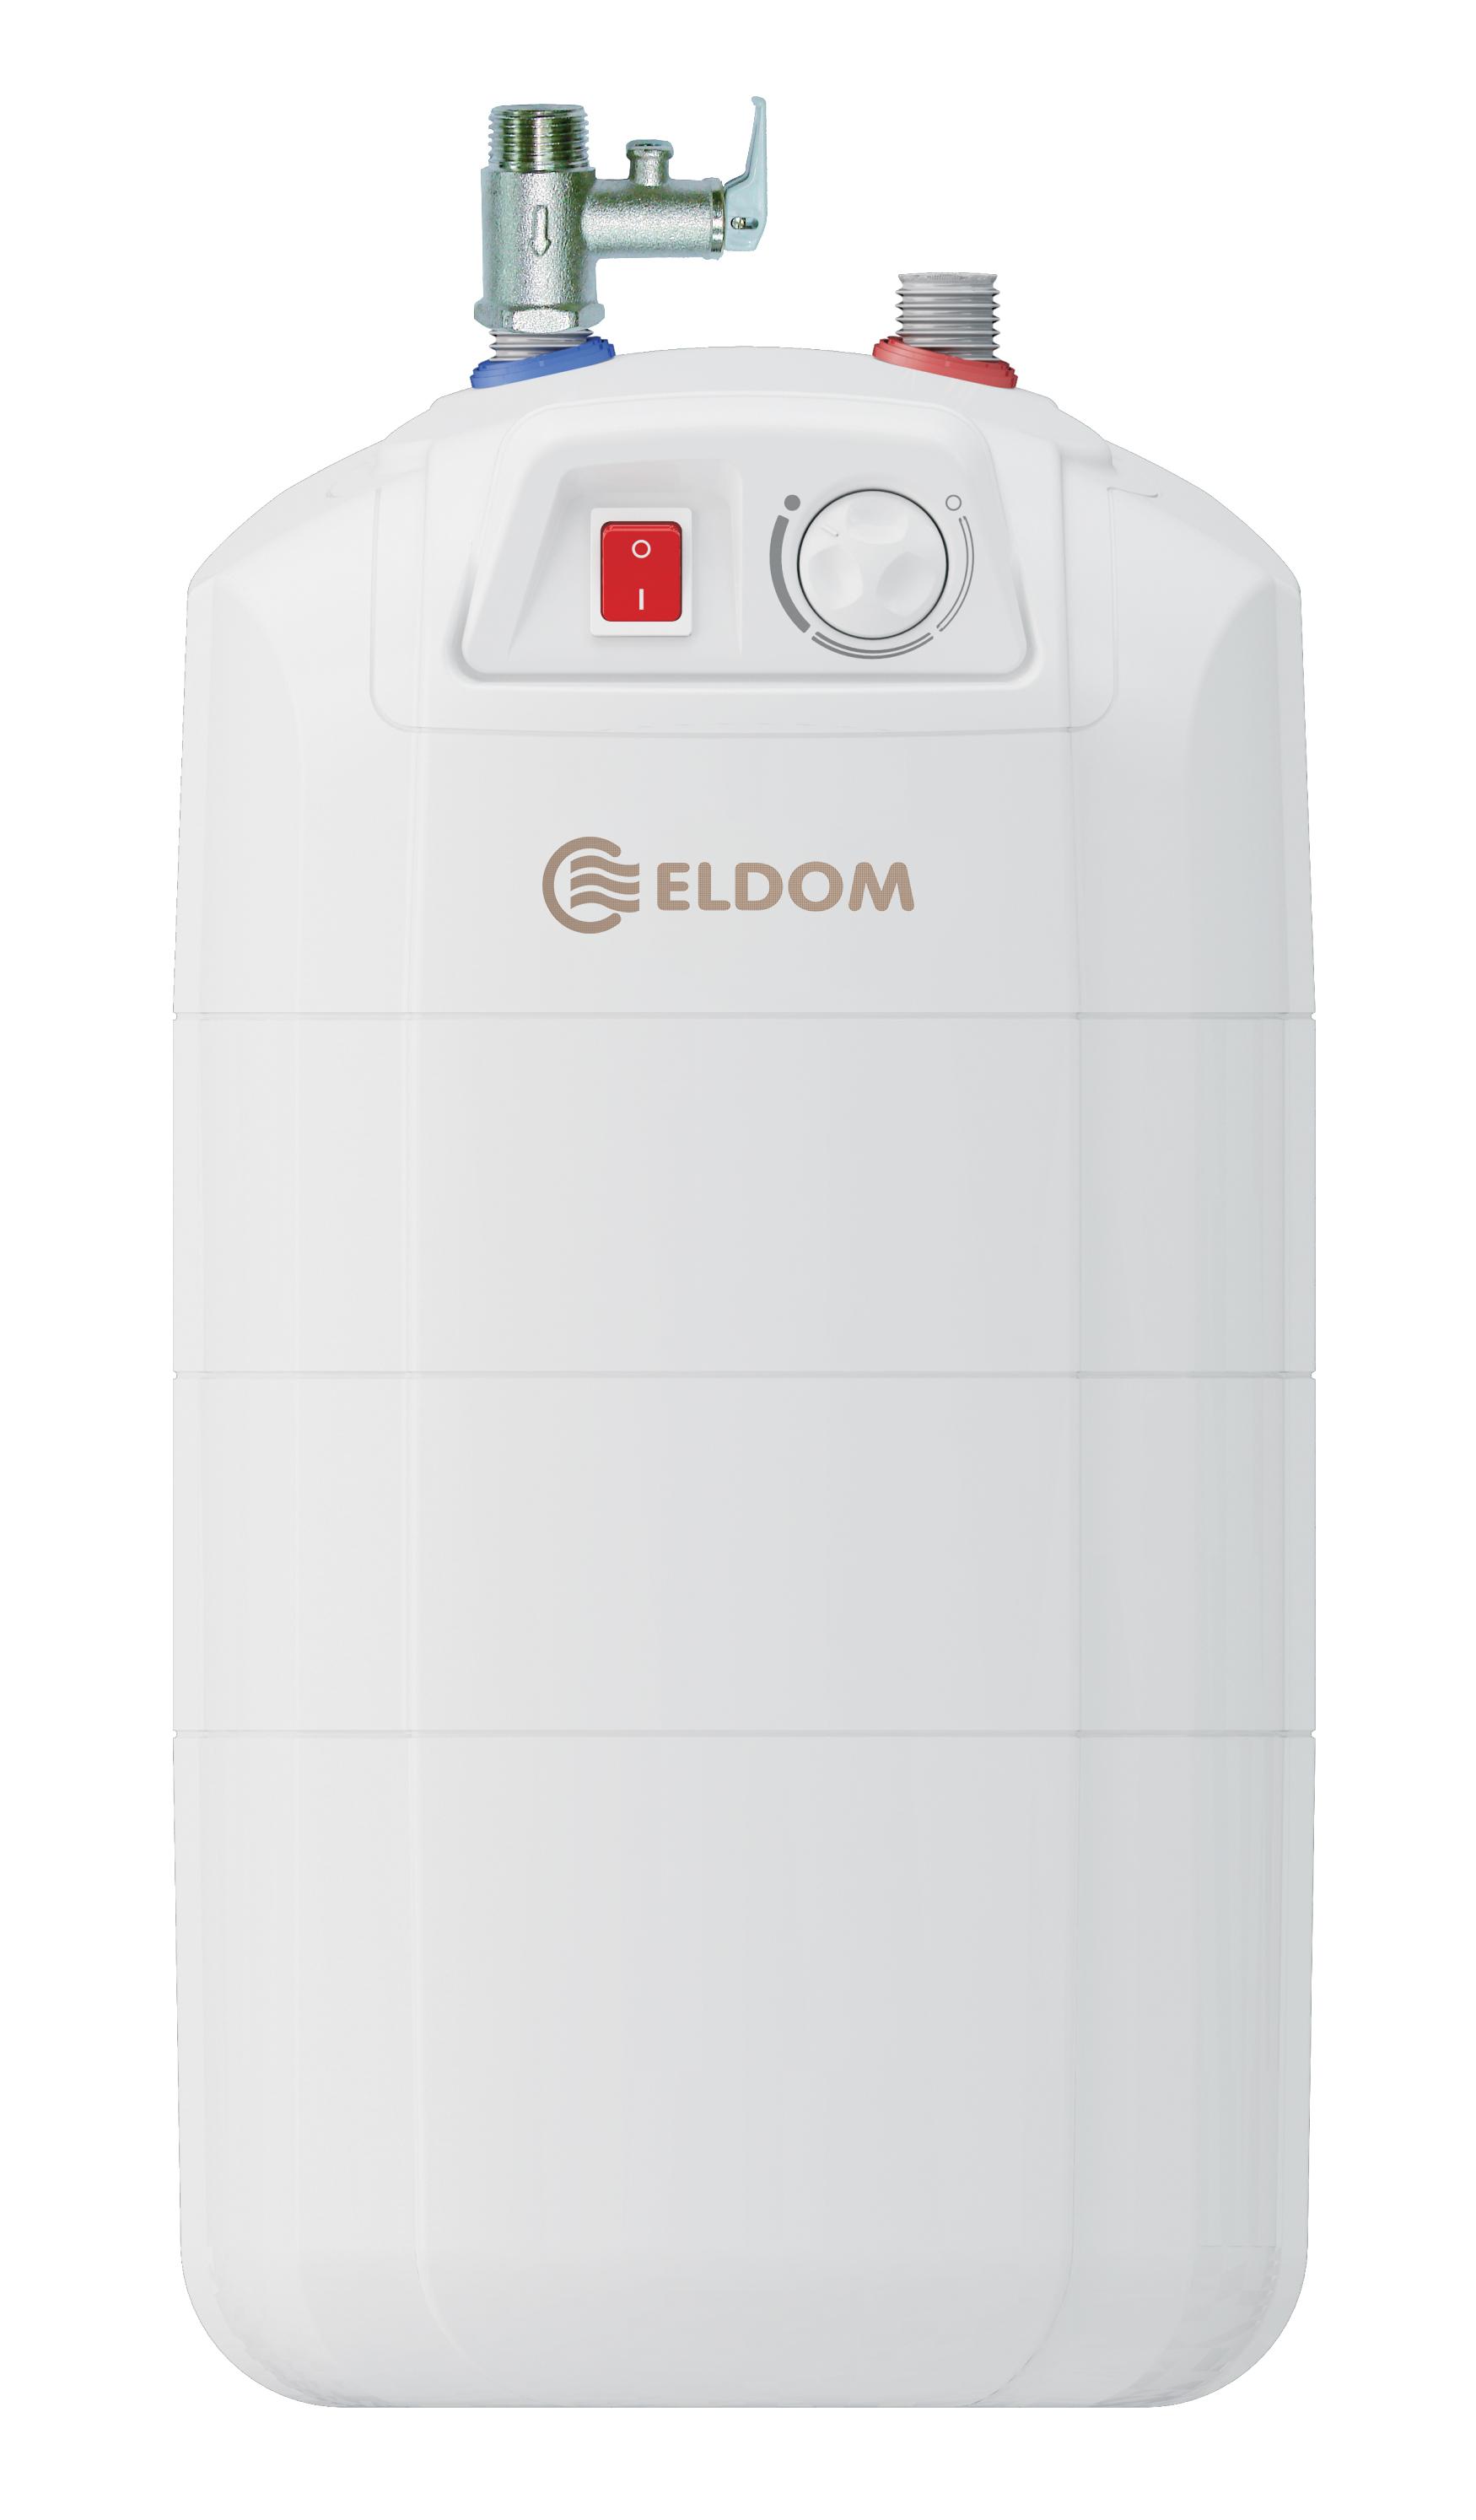 Warmwasserspeicher Eldom 15 druckfest untertisch